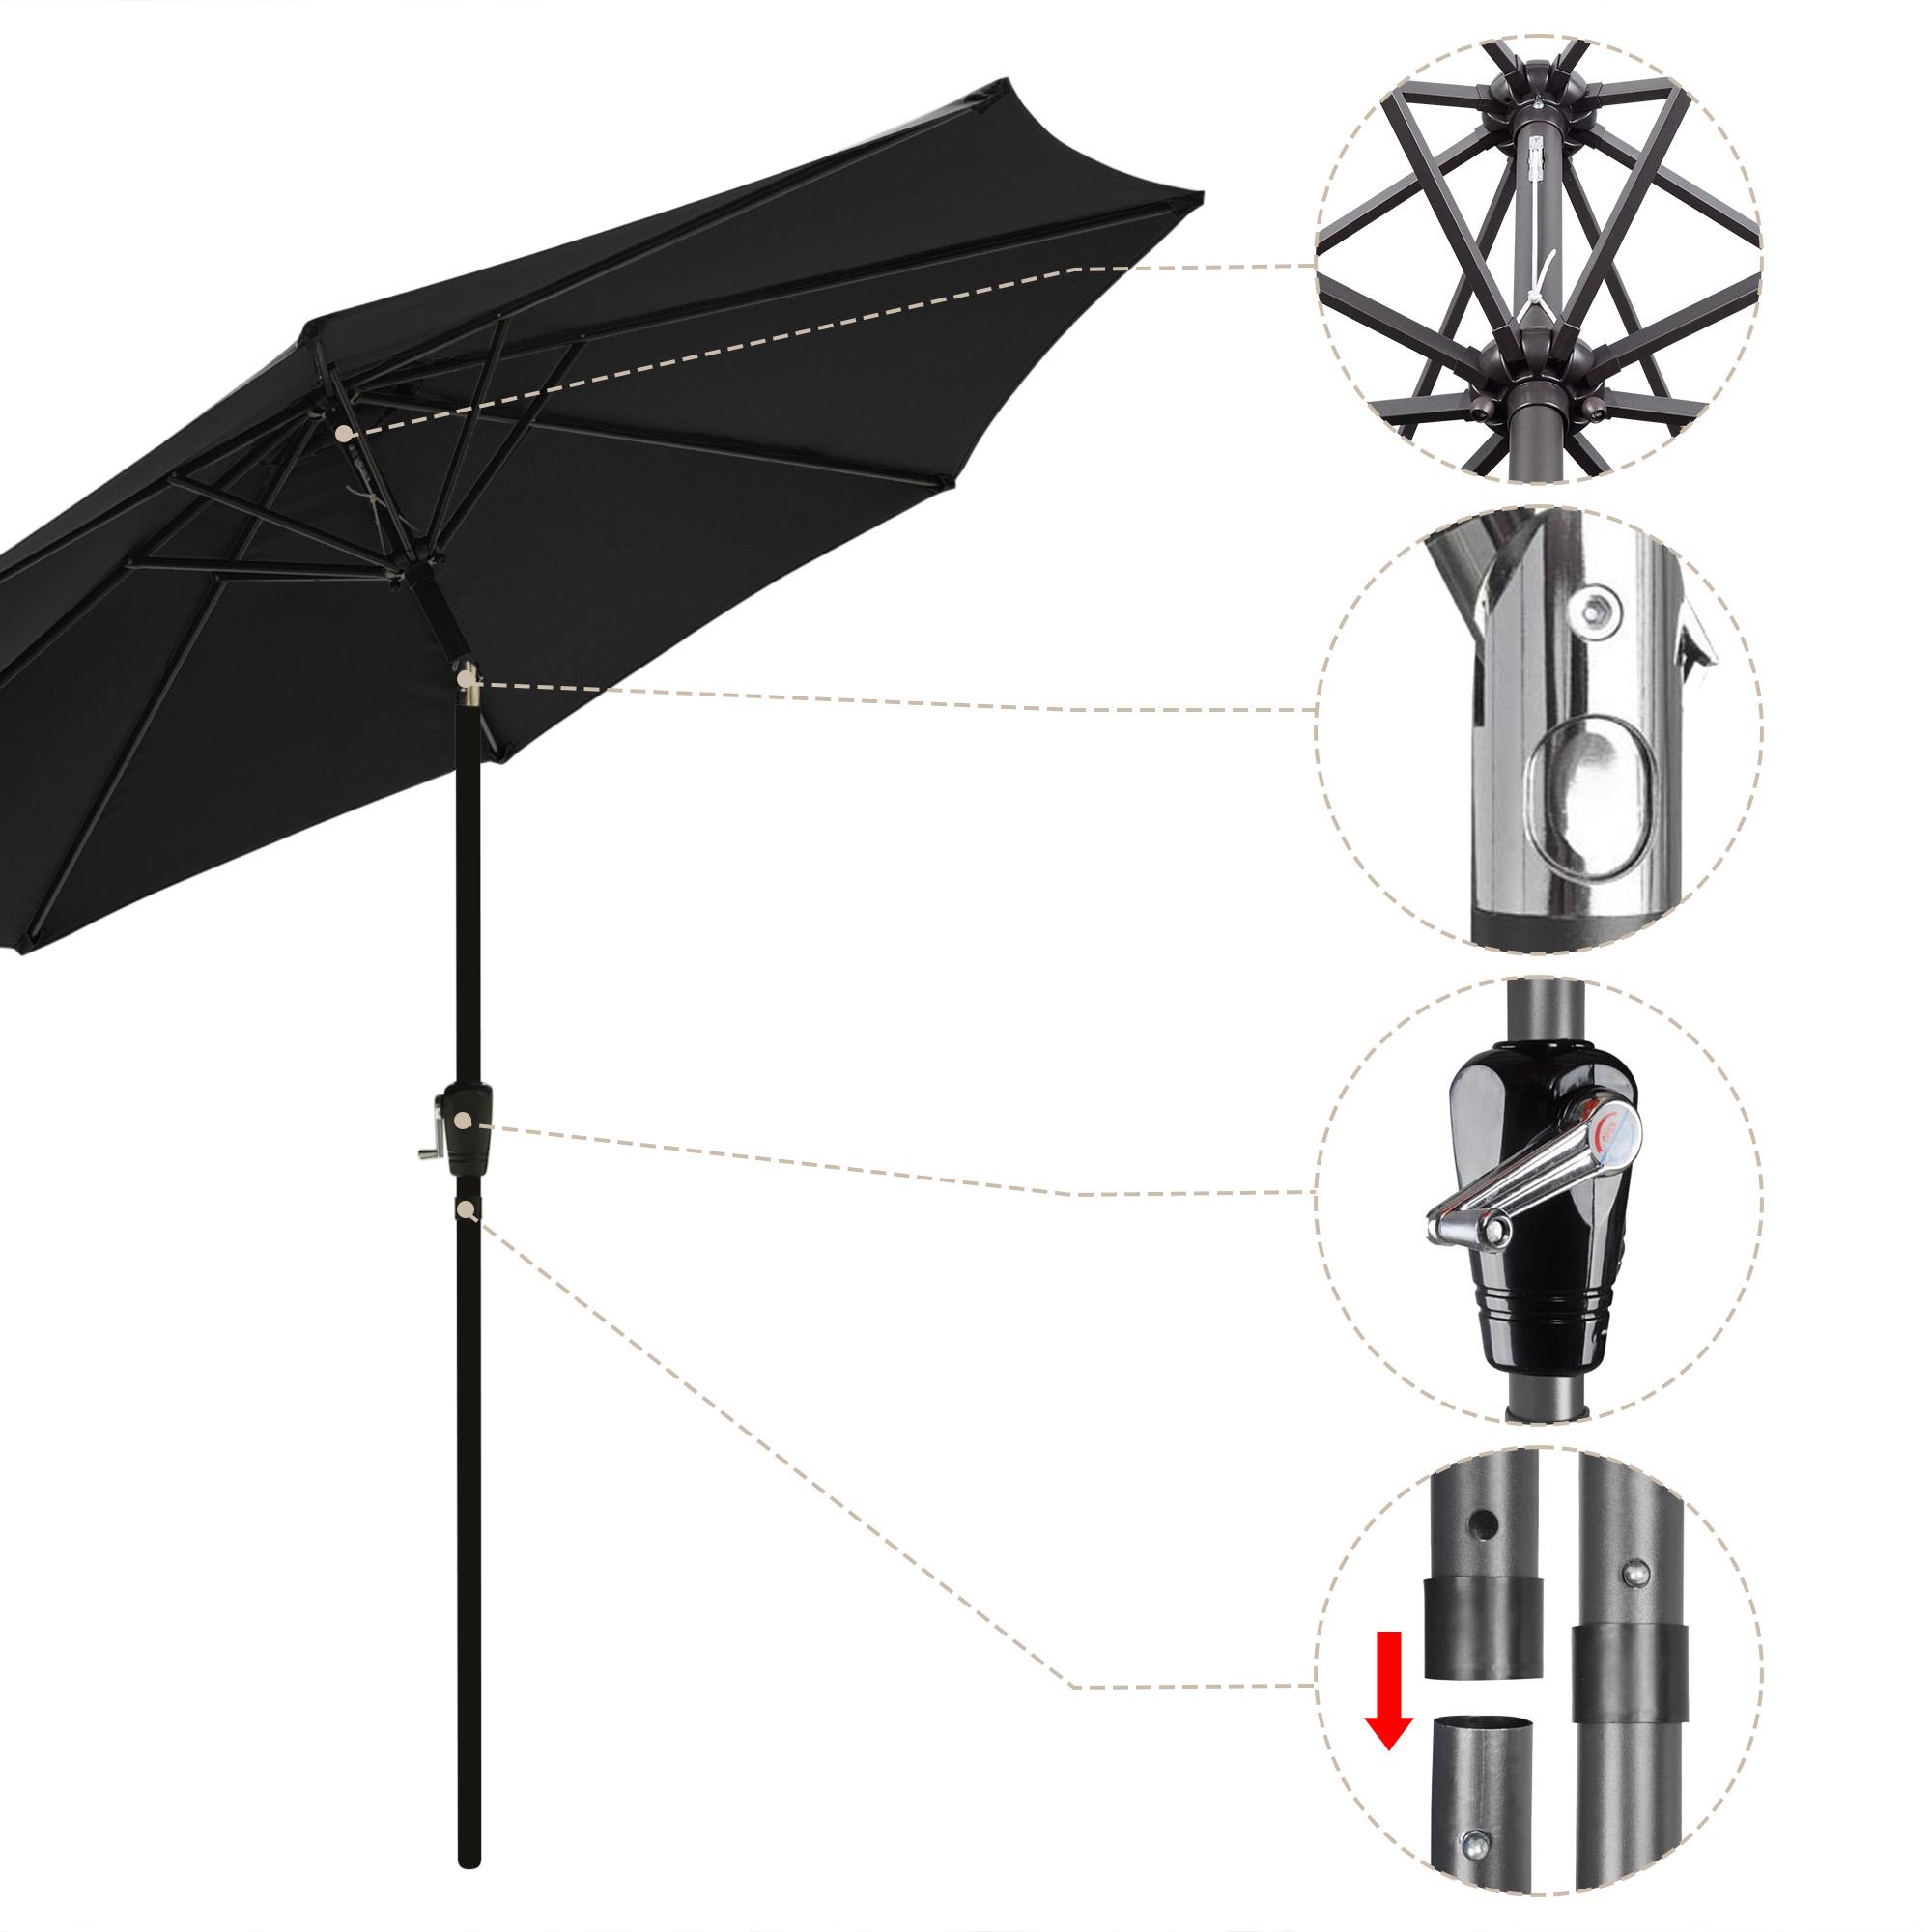 thumbnail 41 - 9' Outdoor Umbrella Patio 8 Ribs Market Garden Crank Tilt Beach Sunshade Parasol